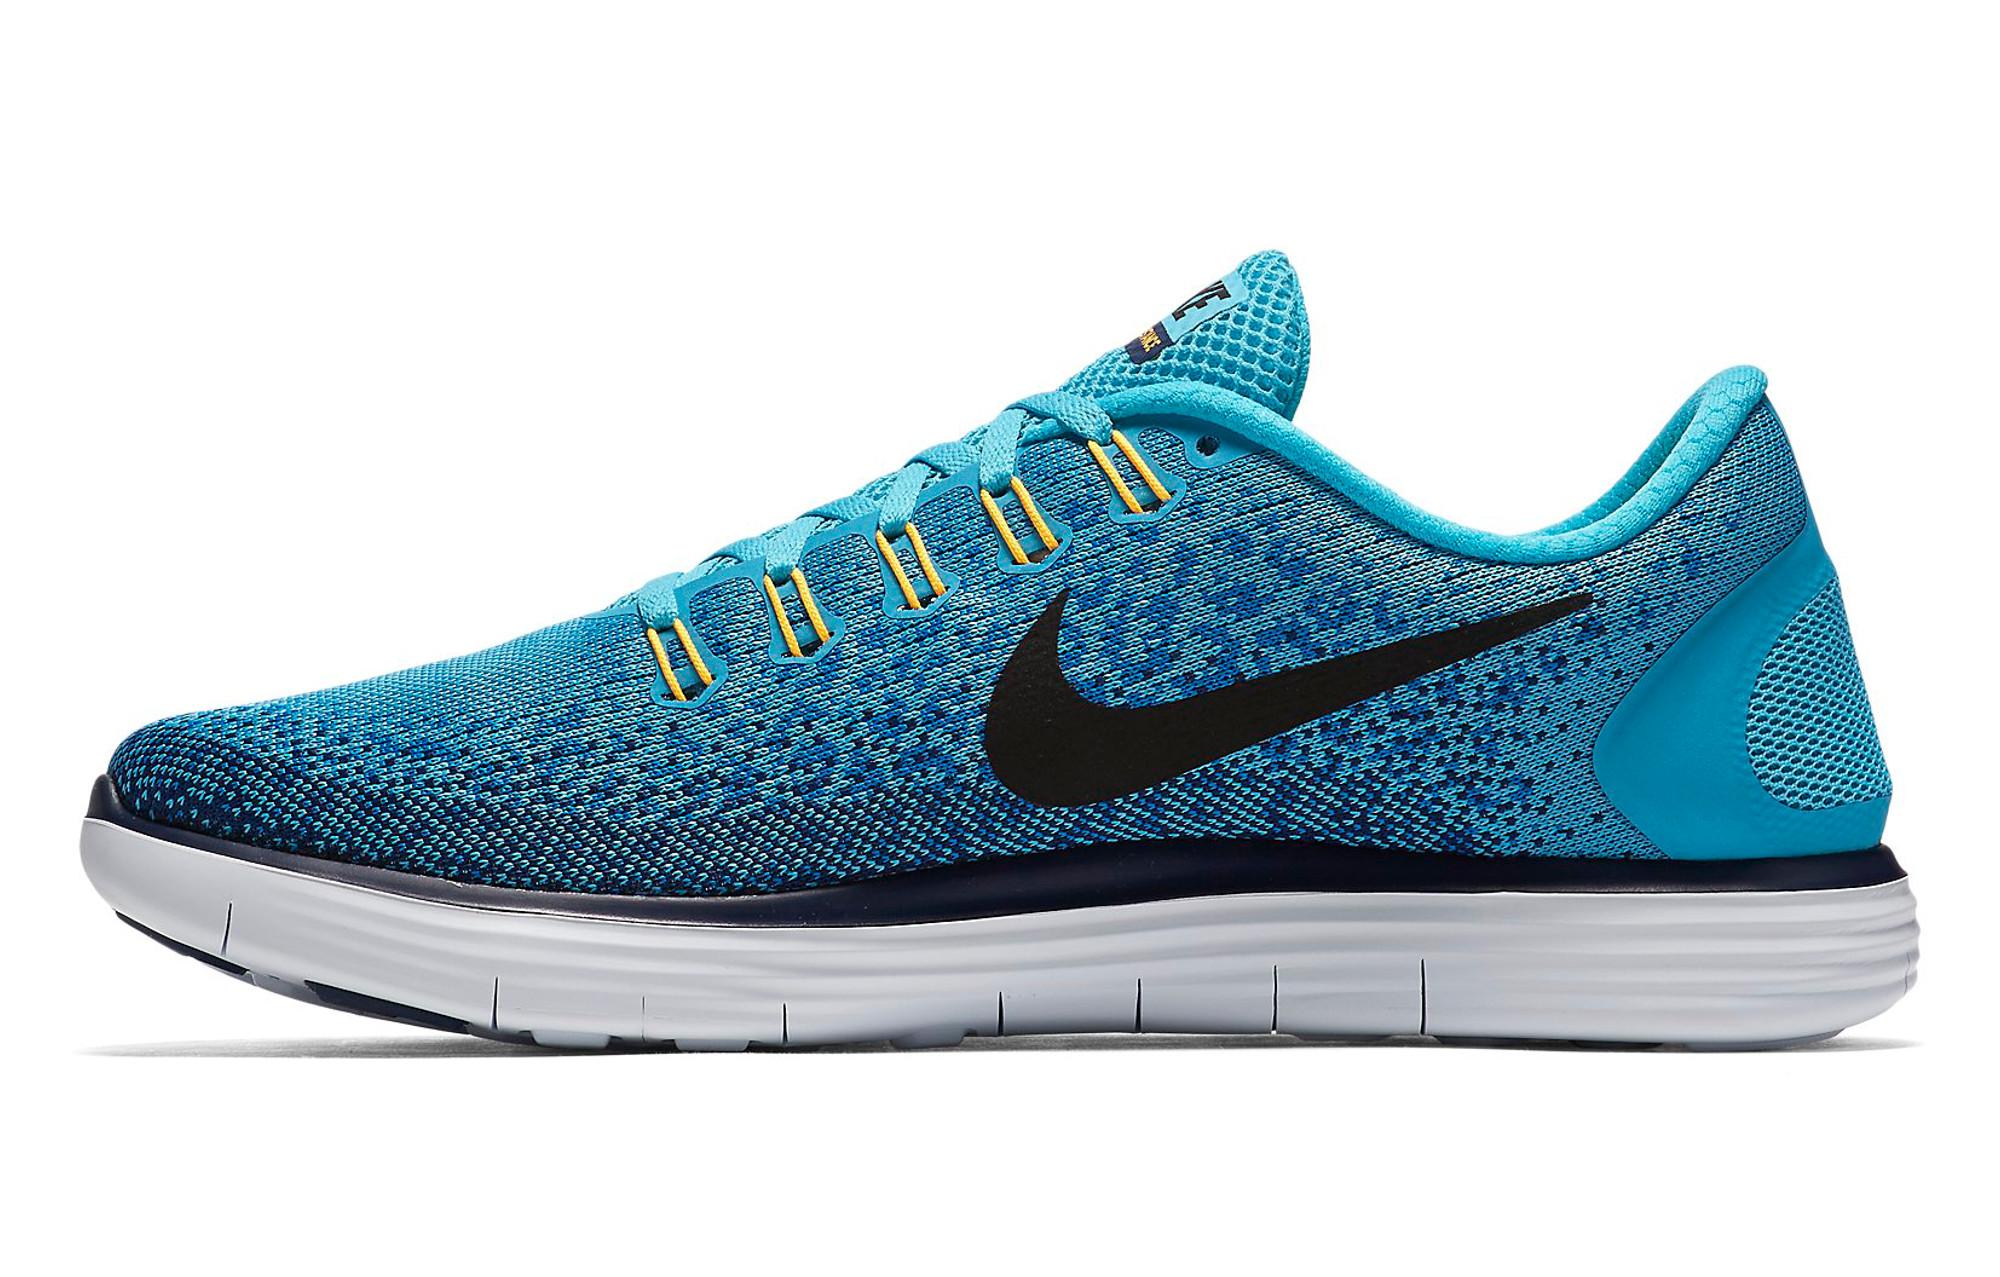 new concept 6b2f7 6de4f ... uk chaussures de running nike free run distance bleu 961ef c0637 ...